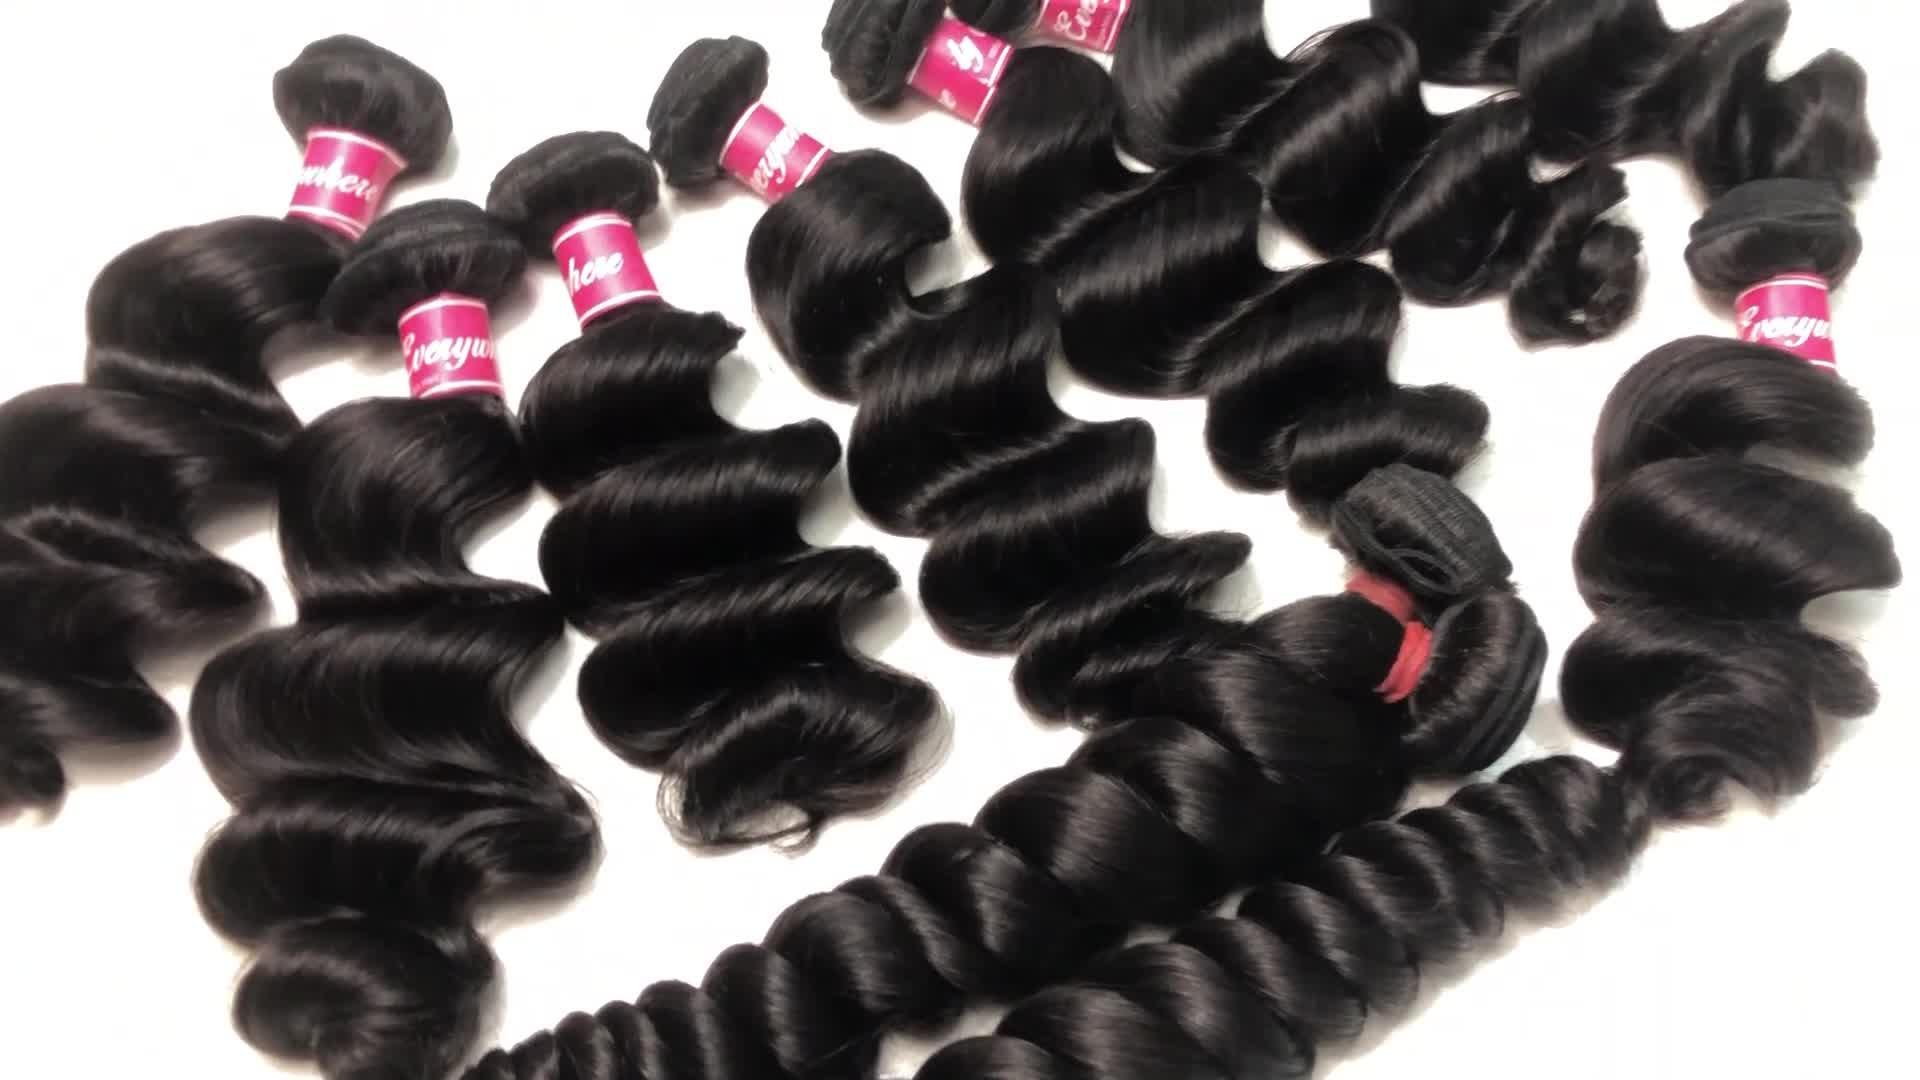 Gratis monster haar bundels ruwe maagdelijke cuticula uitgelijnd haar, menselijk haar weave bundel, groothandel dubbele getrokken 10a virgin hair vendor